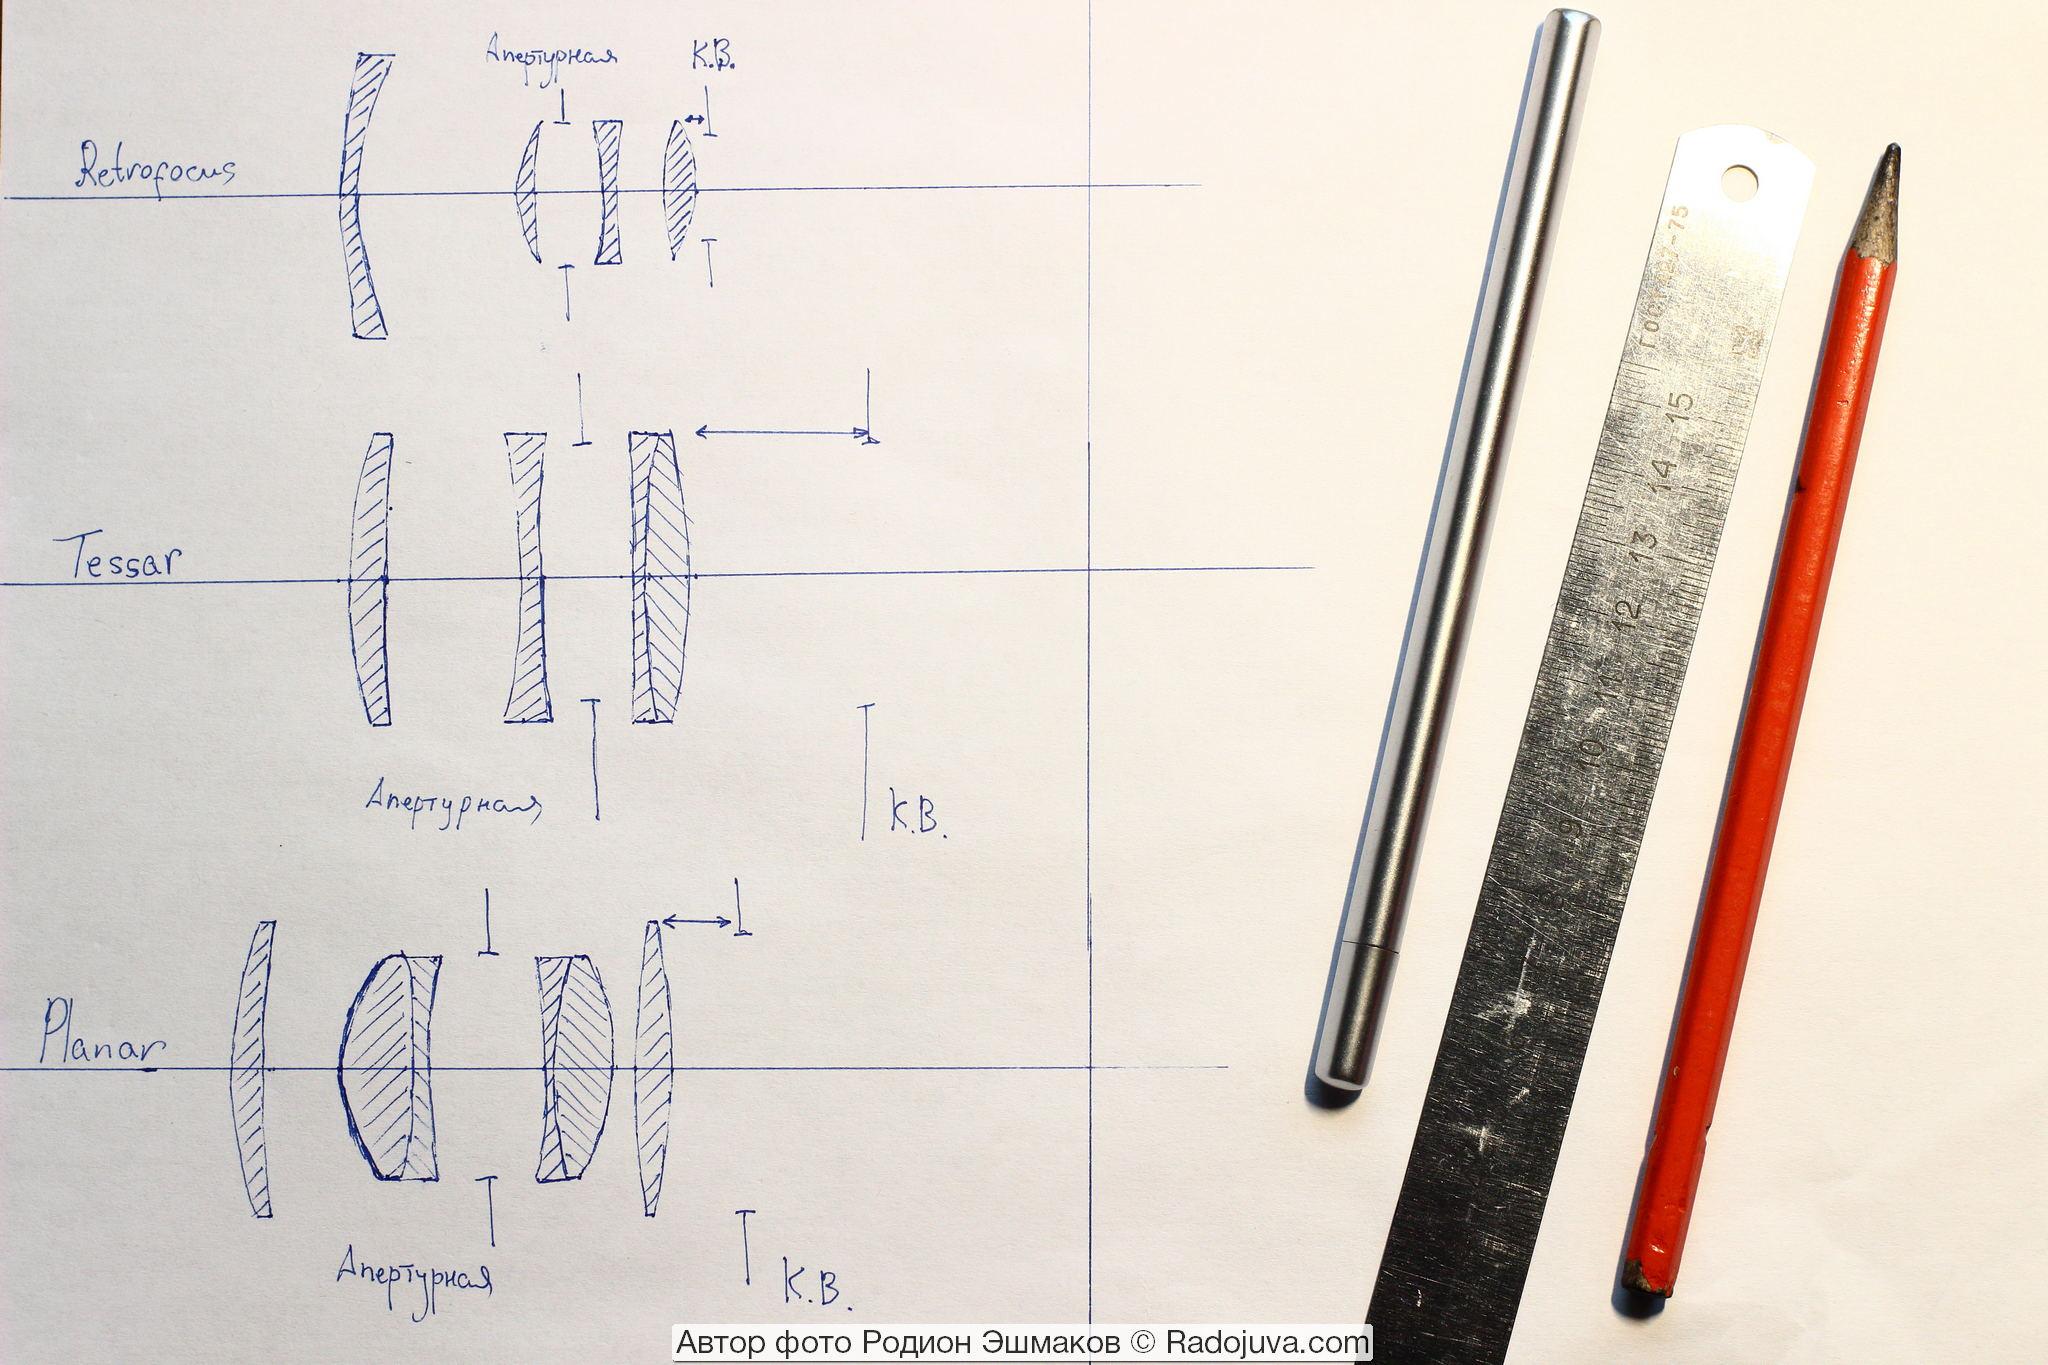 Варианты установки второй диафрагмы контроля виньетирования (К. В.) в объективы разных схем